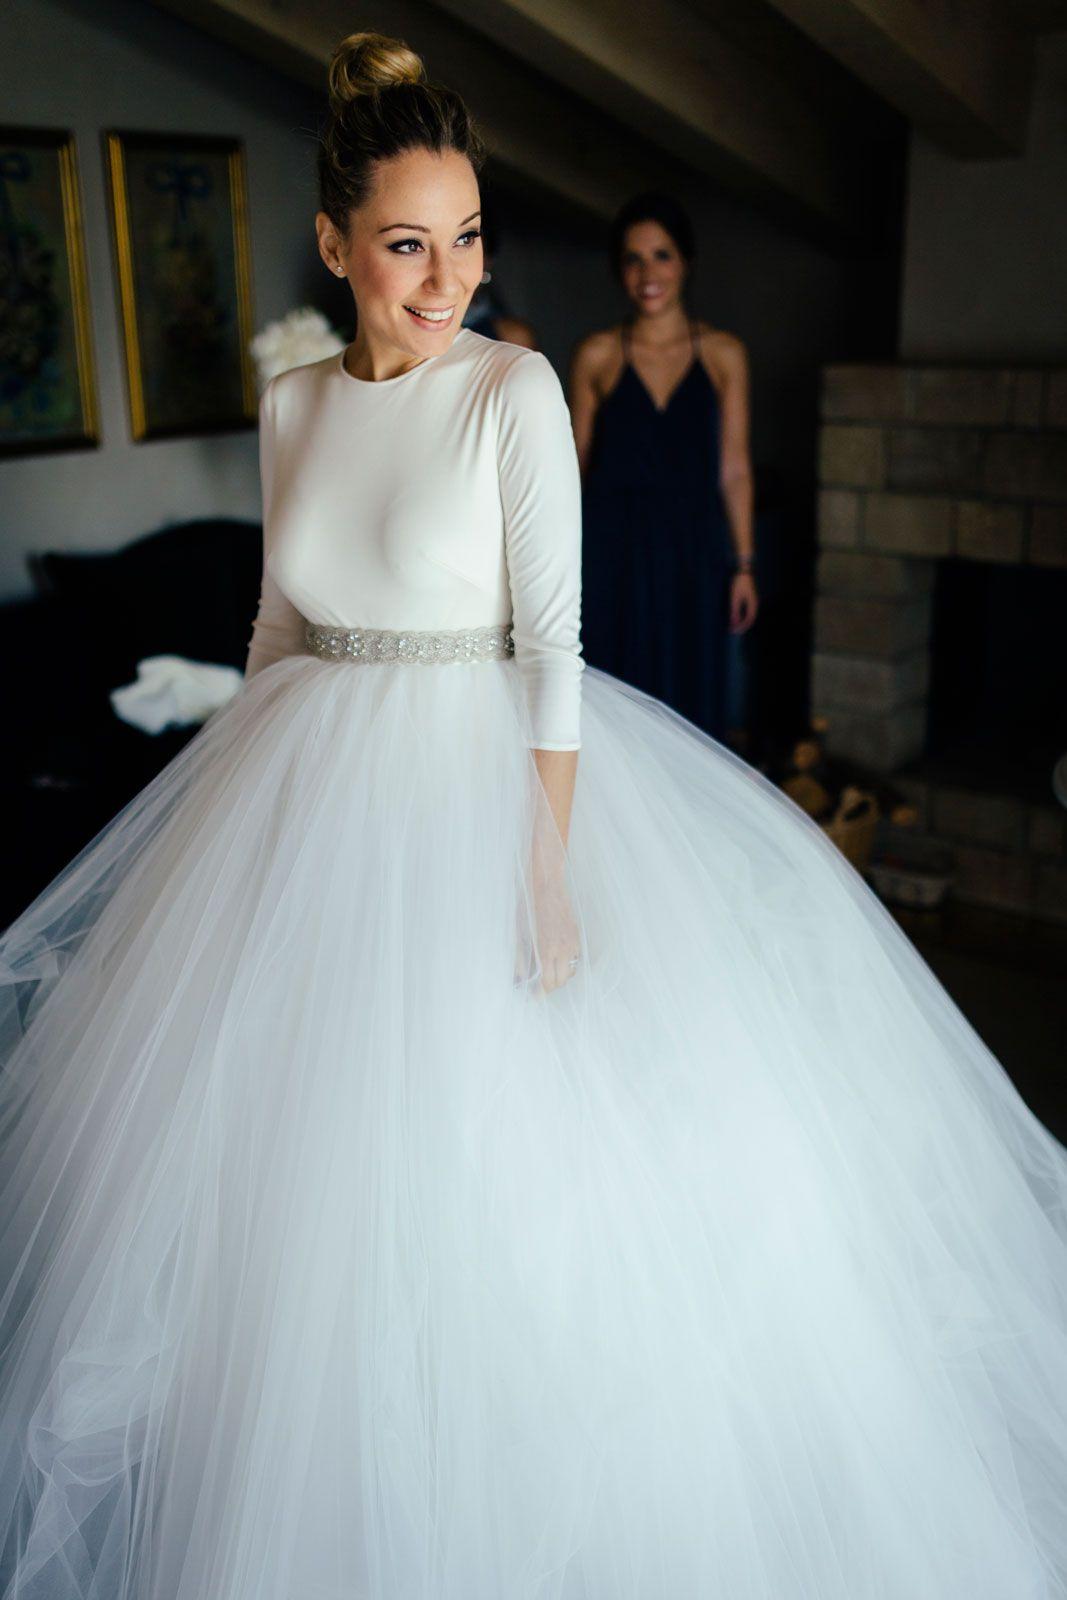 Wonderful Vestidos De Novia Boda Civil Invierno Images - Wedding ...